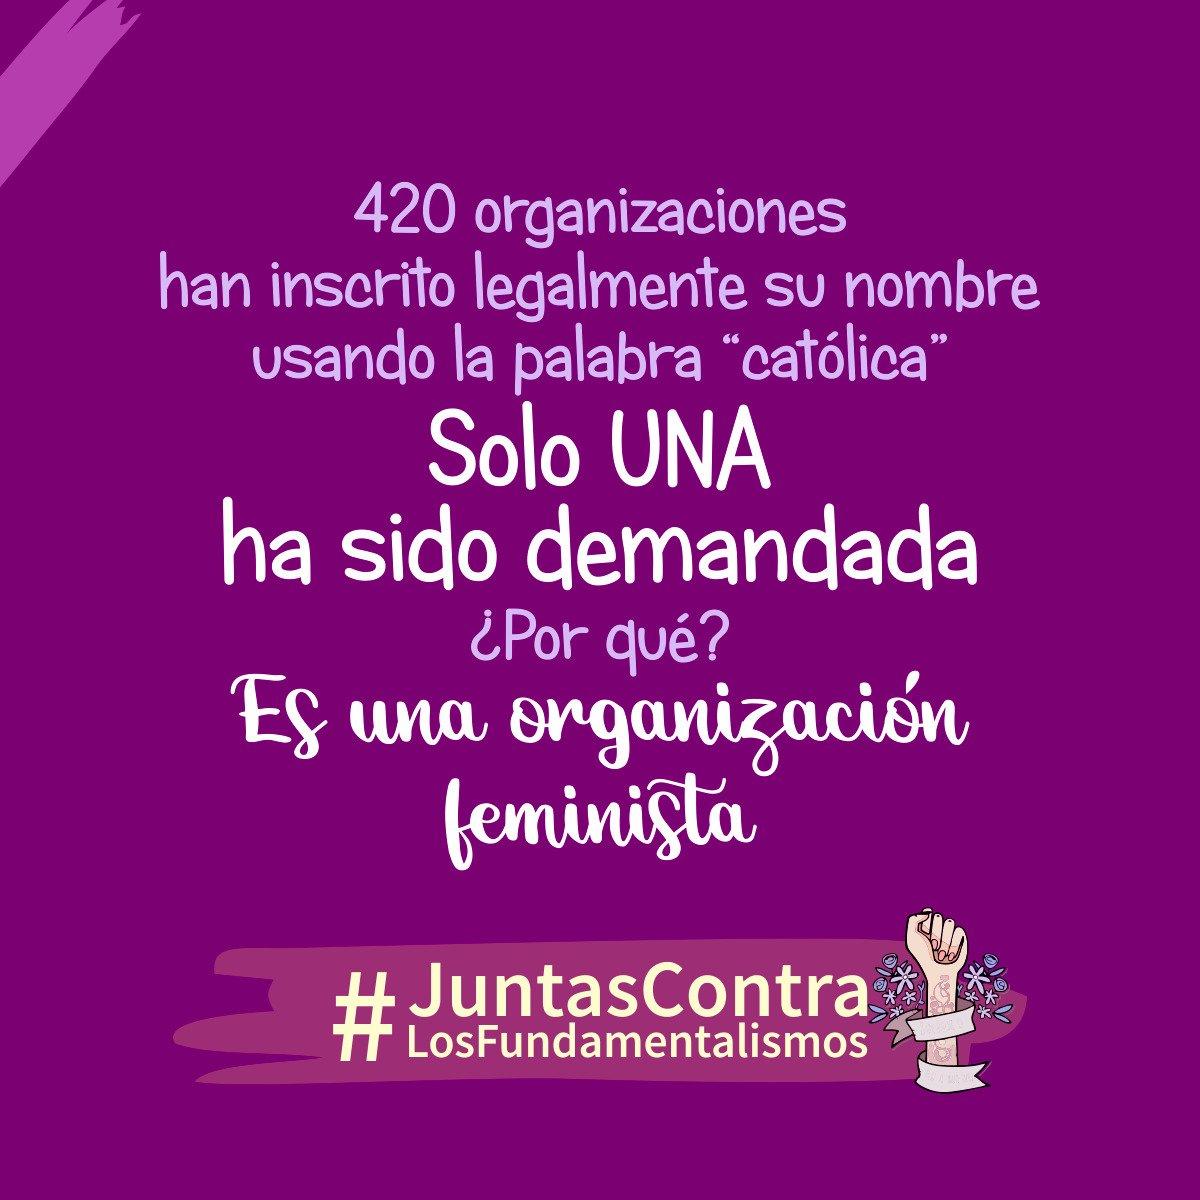 """420 organizaciones han inscrito legalmente usando el nombre """"Católica"""" solo una ha sido demandada ¿Por qué? Es una organización feminista. #JuntasContraLosFundamentalismos #JuntasSomosMásFuertes"""